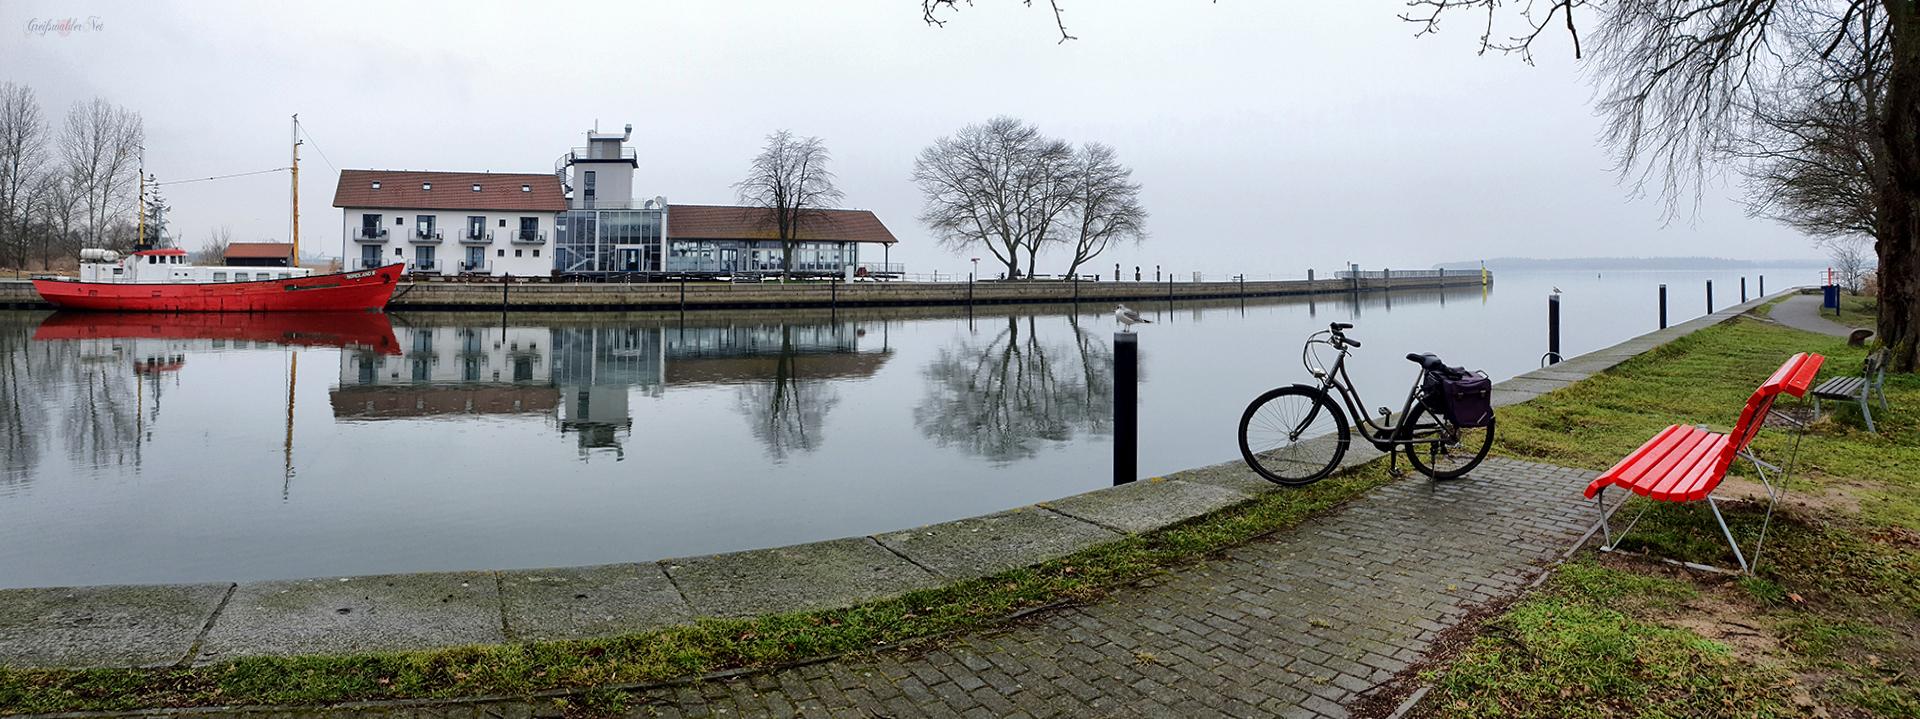 Regnerischer Sonntag in Greifswald-Wieck